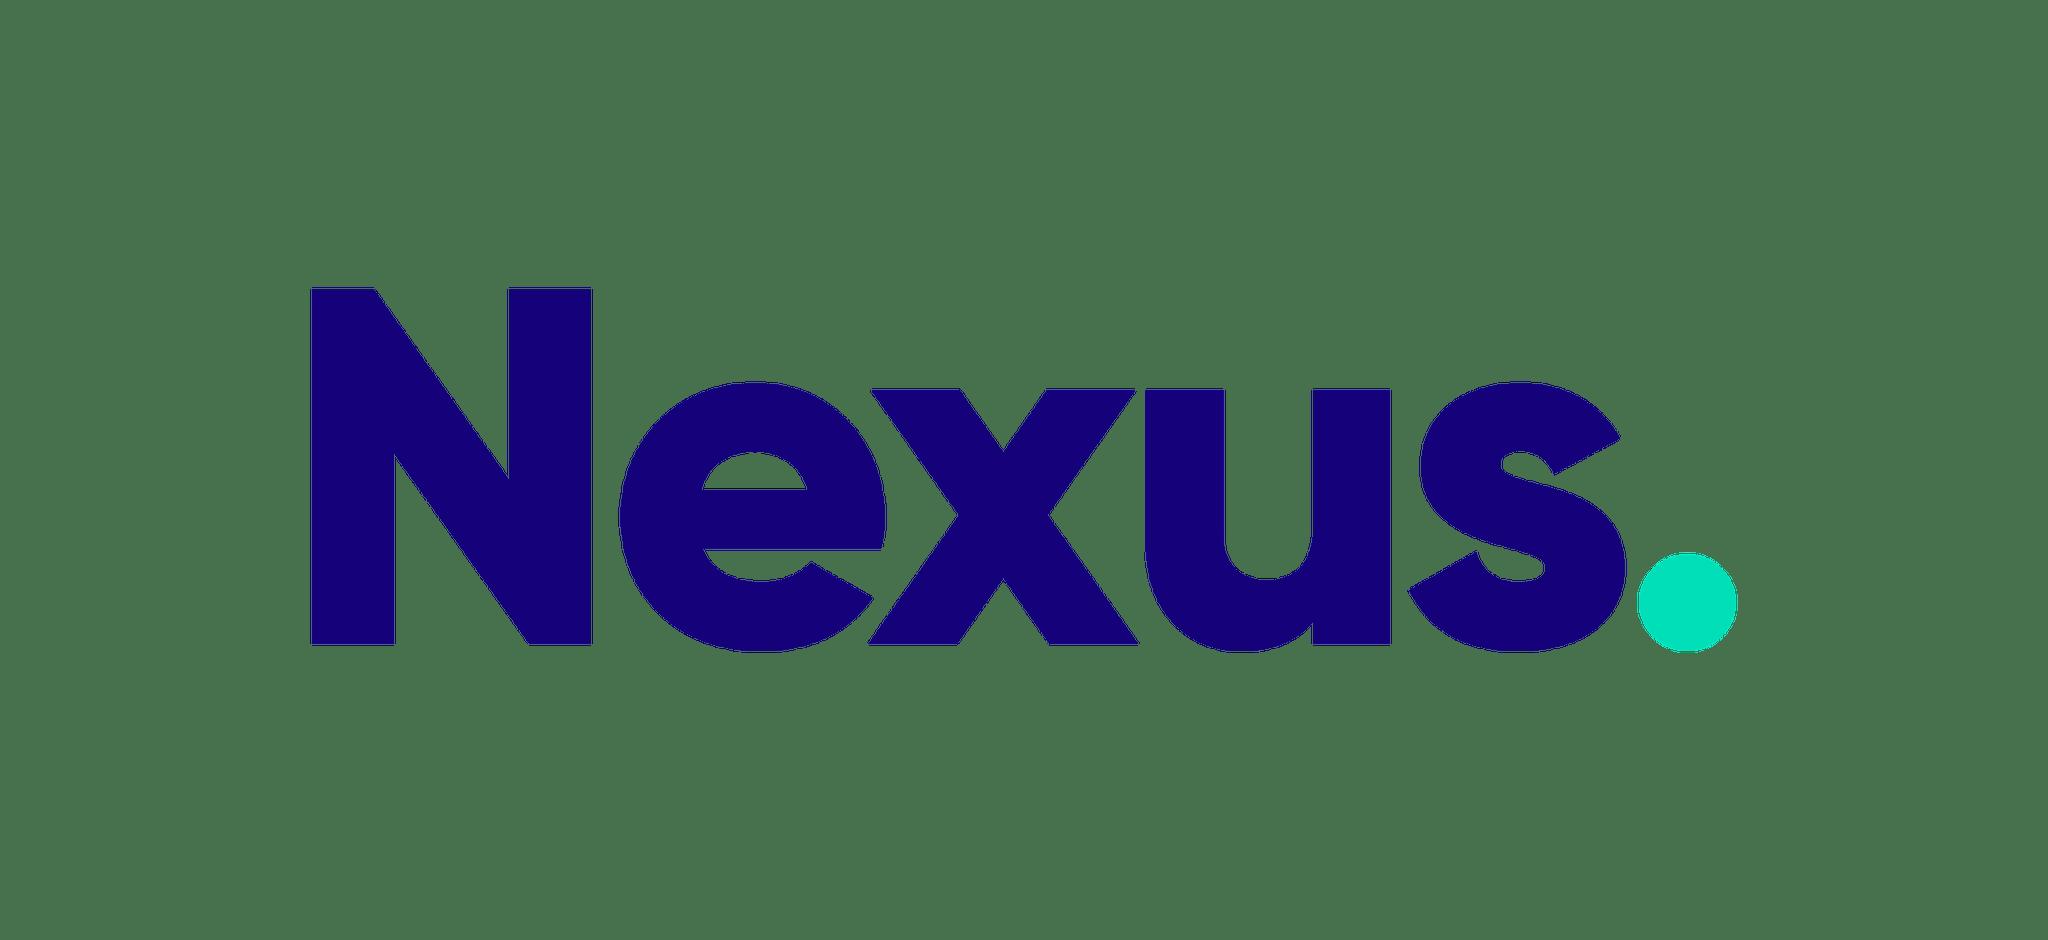 Nexus Dry Hire